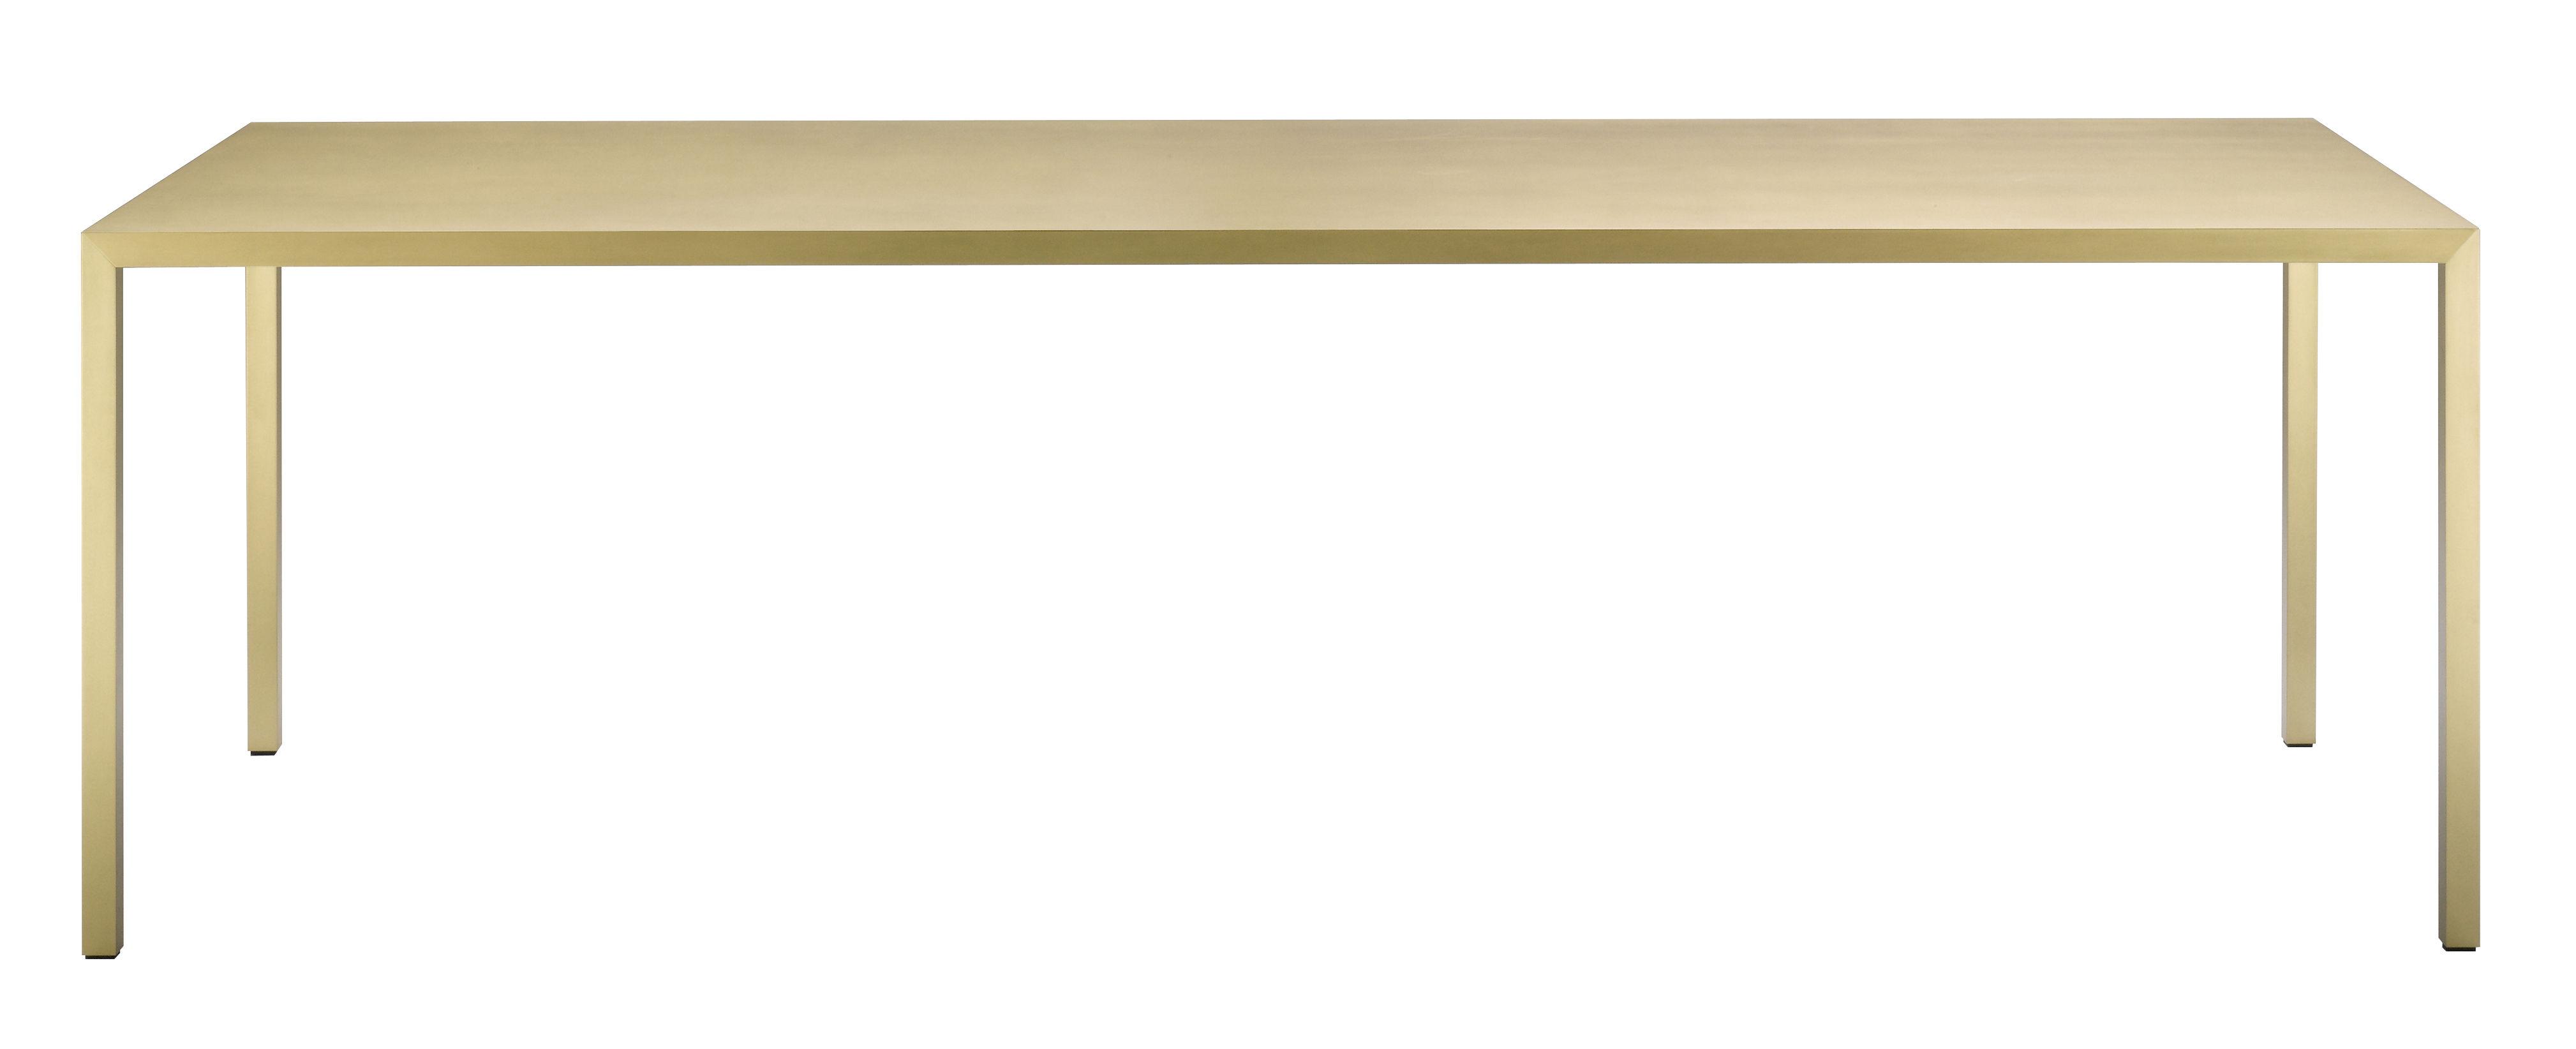 Arredamento - Tavoli - Tavolo Tense Material / 90 x 200 cm - Ottone - MDF Italia - Ottone spazzolato - Pannello composito, Placage laiton brossé